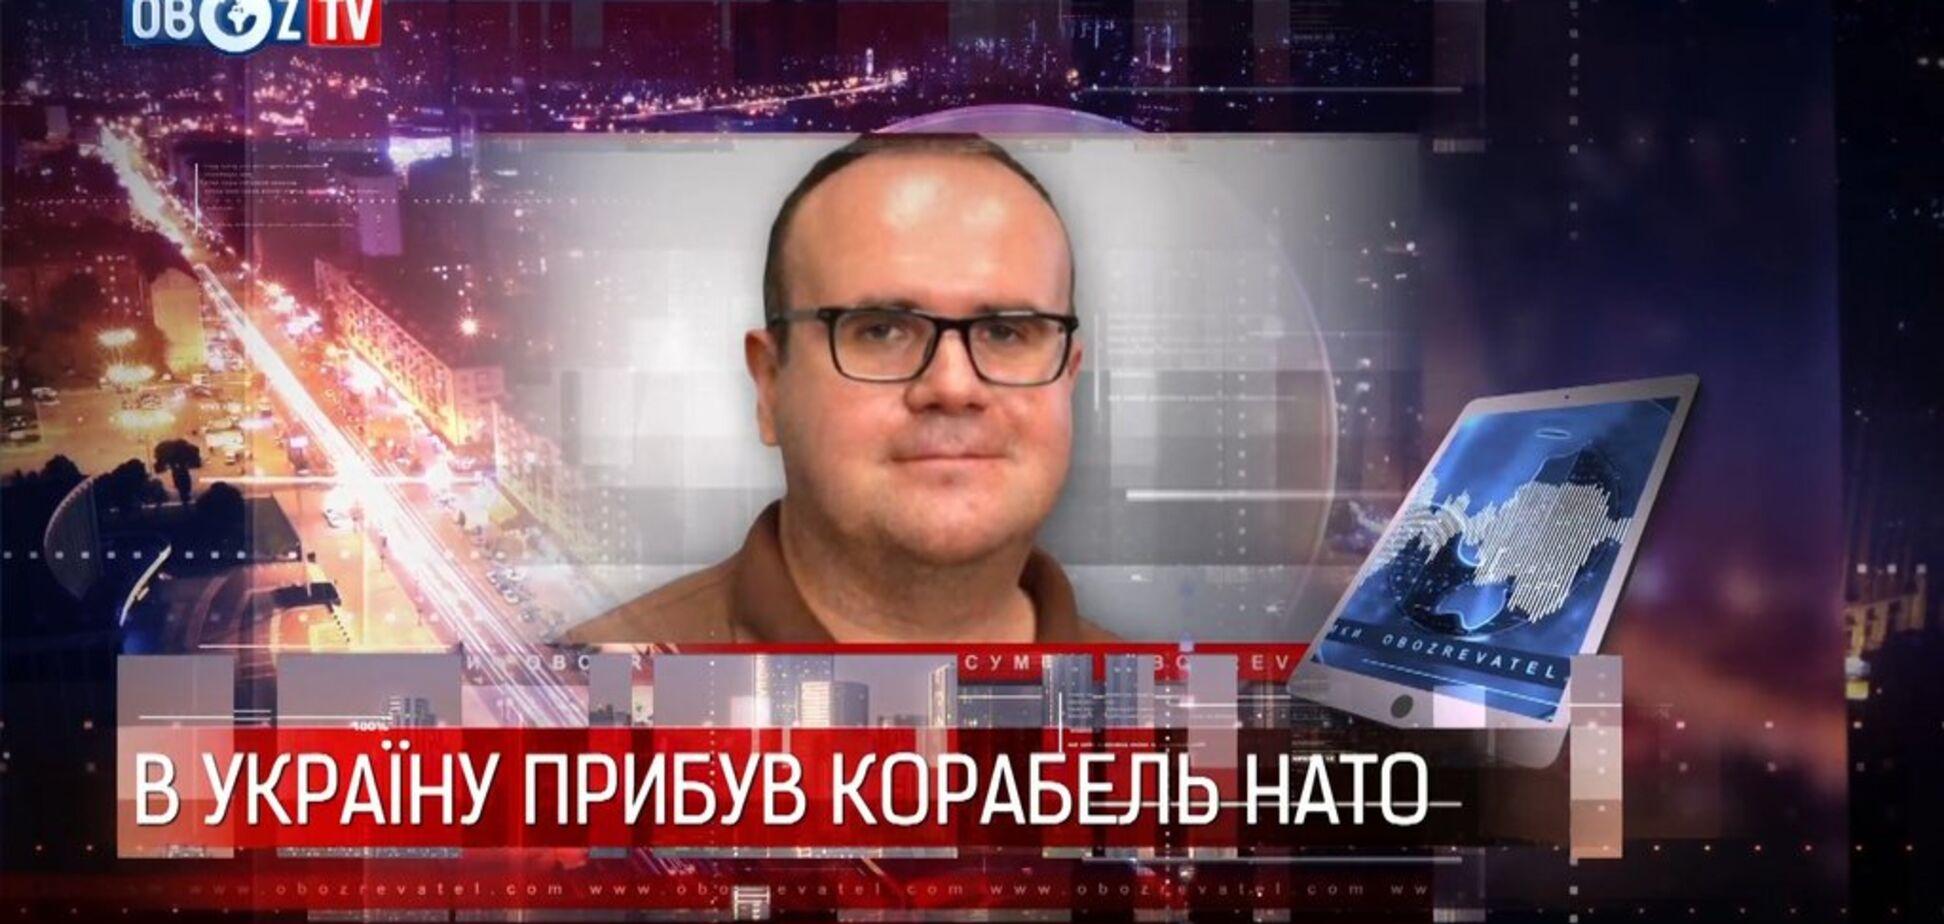 Никаких правовых оснований на привлечение ОБСЕ или НАТО к сопровождению кораблей у Украины нет – эксперт